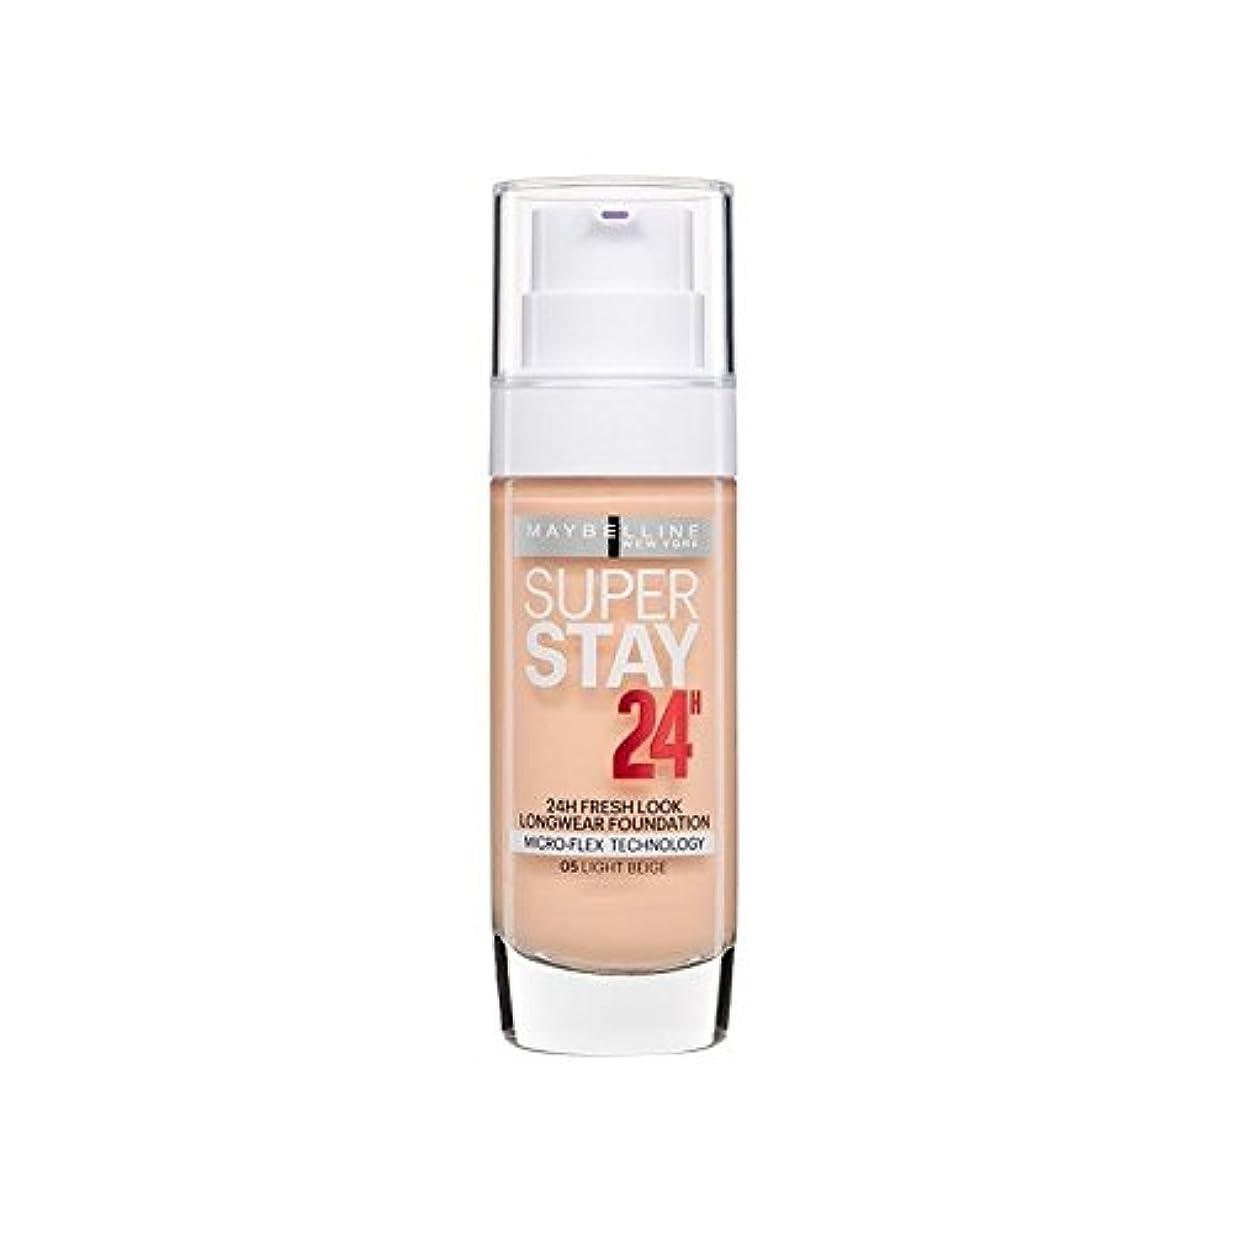 満足させる頭痛まどろみのあるMaybelline SuperStay 24h Liquid Foundation Light Beige 30ml - メイベリンの24時間リキッドファンデーションライトベージュ30ミリリットル [並行輸入品]